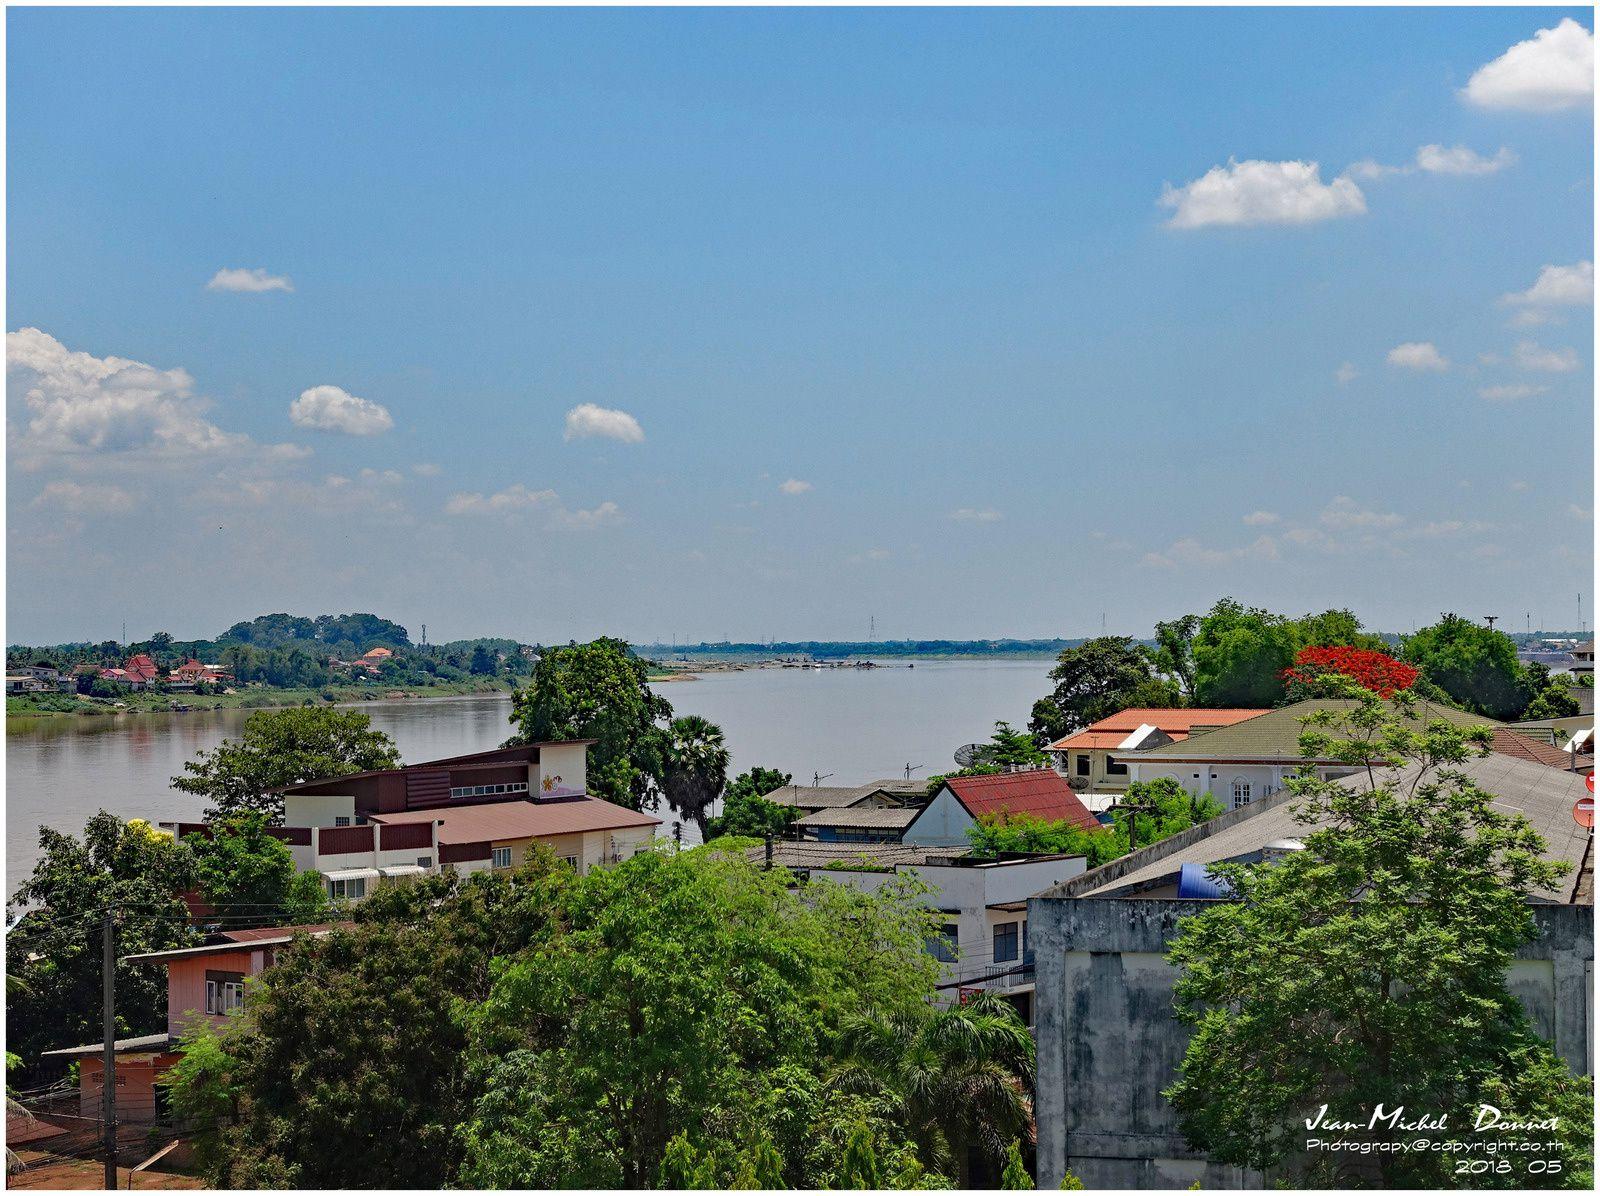 Nong Khai, ville frontière en bordure du Mékong